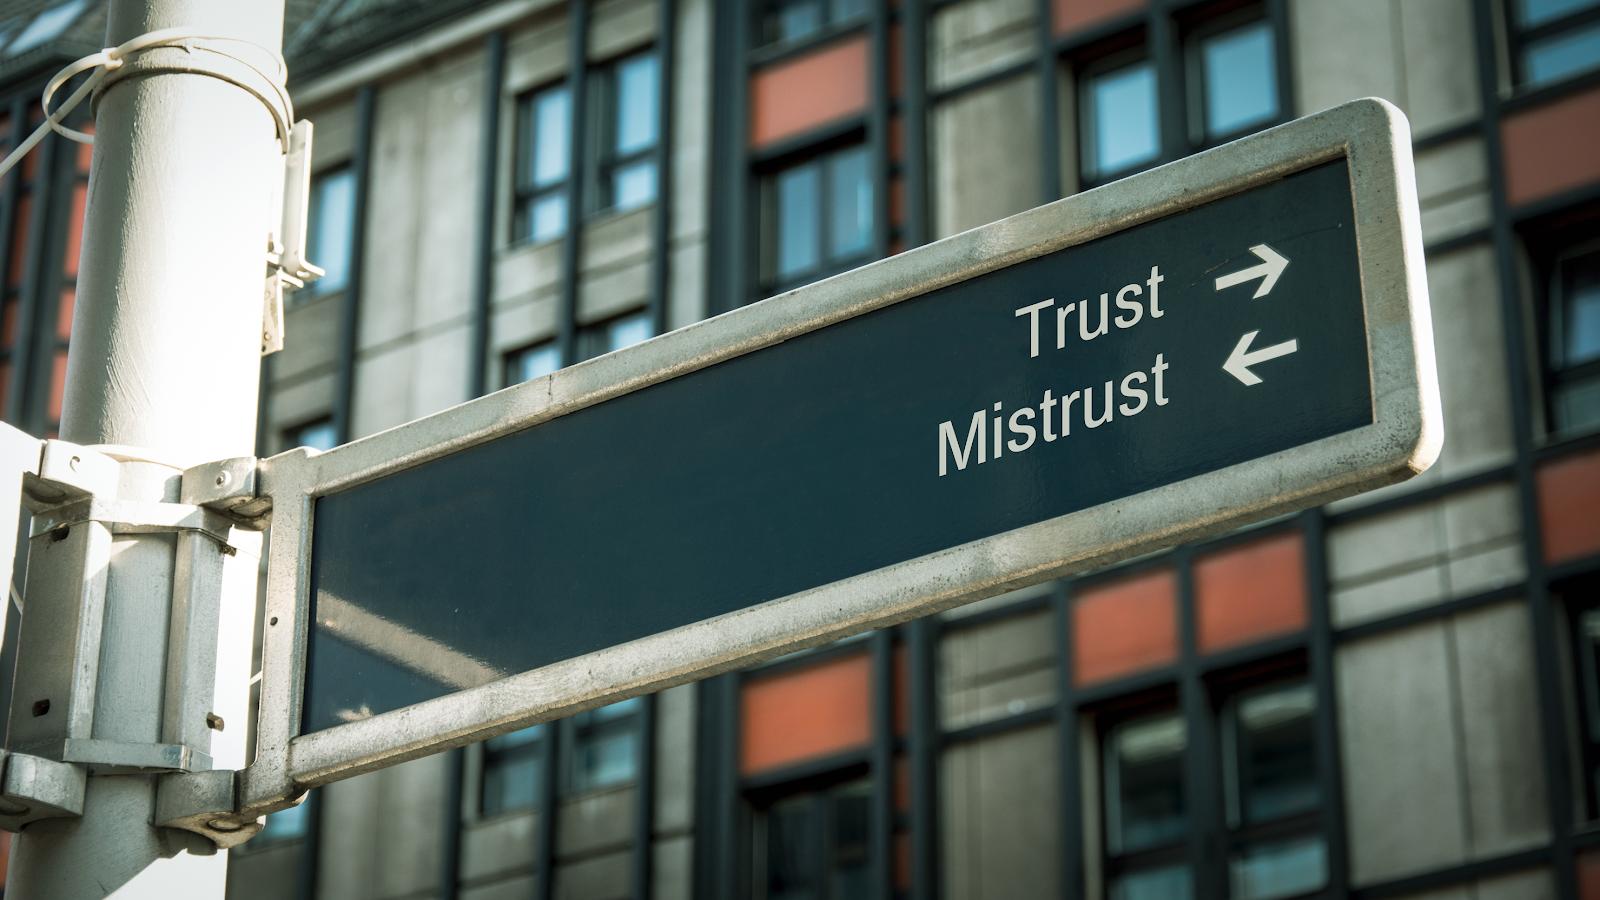 La confiance, un type de vulnérabilité comme un autre